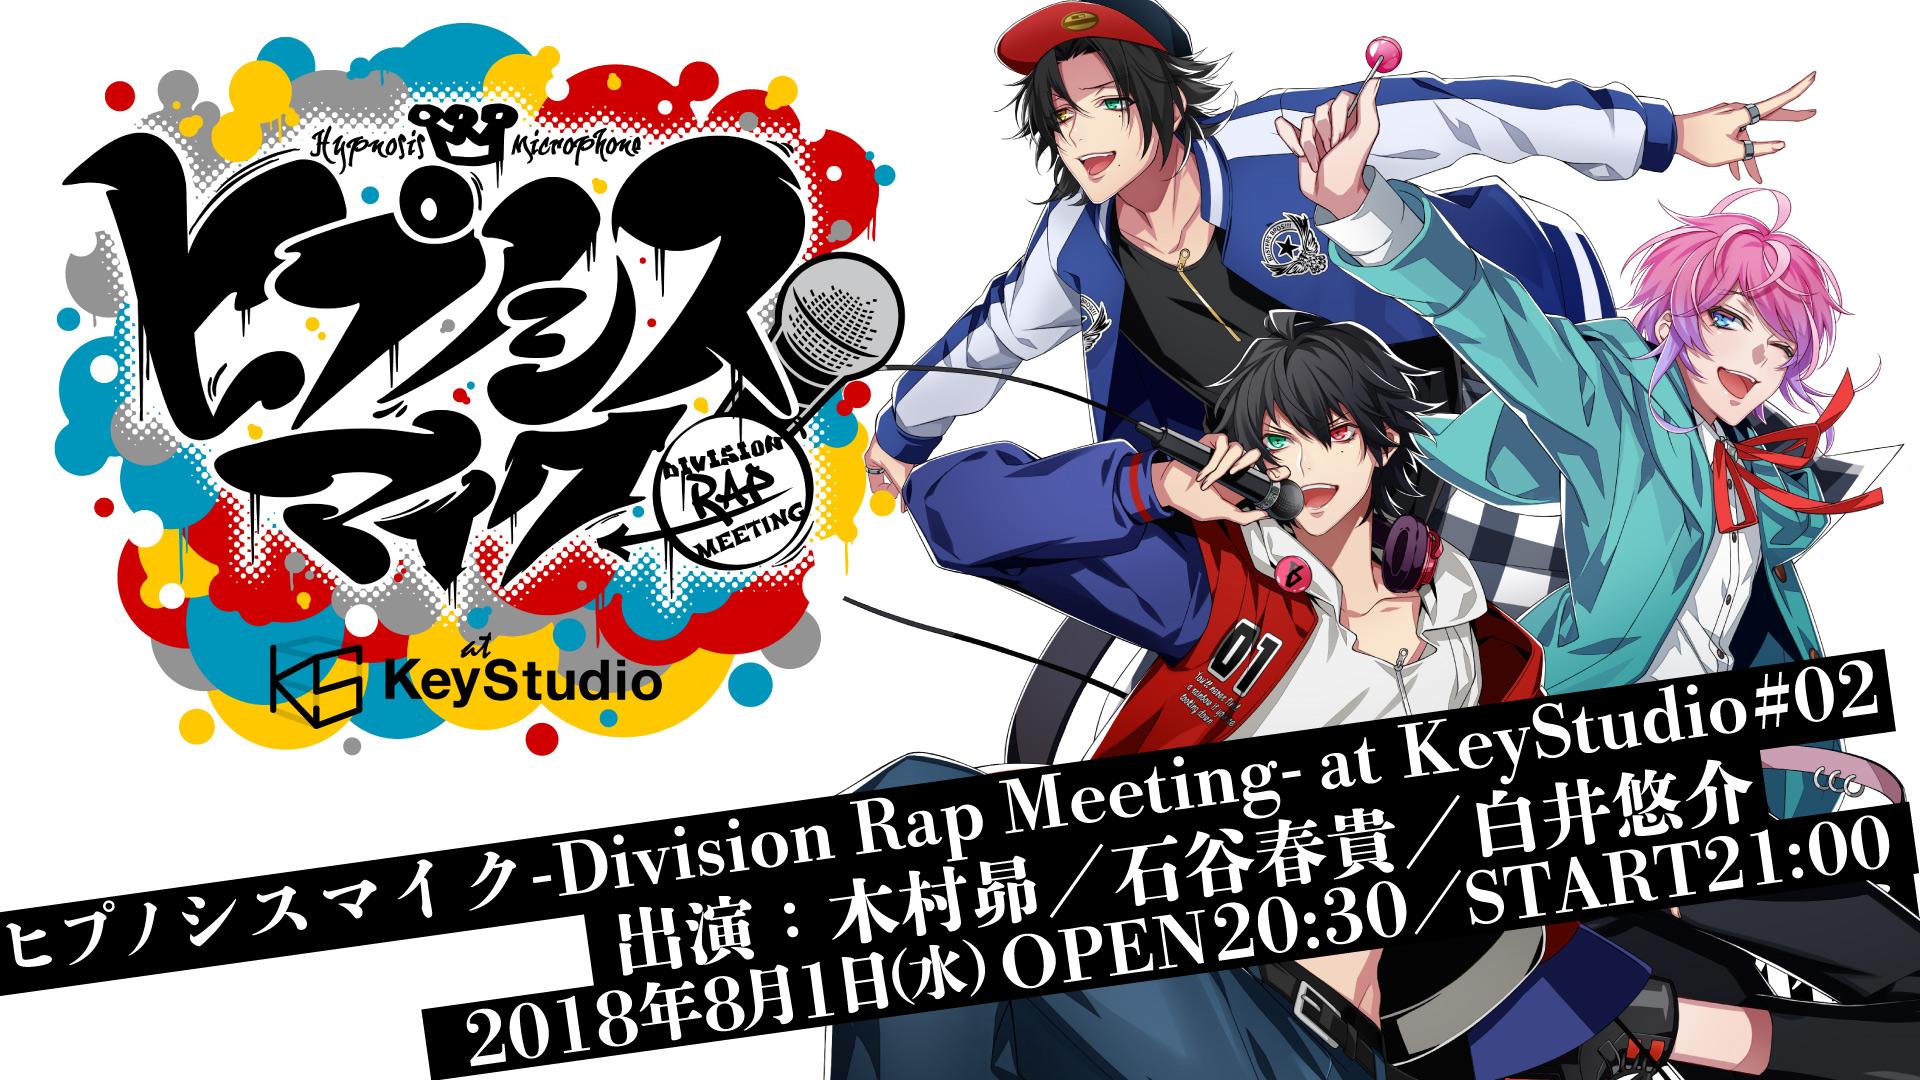 ヒプノシスマイク-Division Rap Meeting-at KeyStudio#2